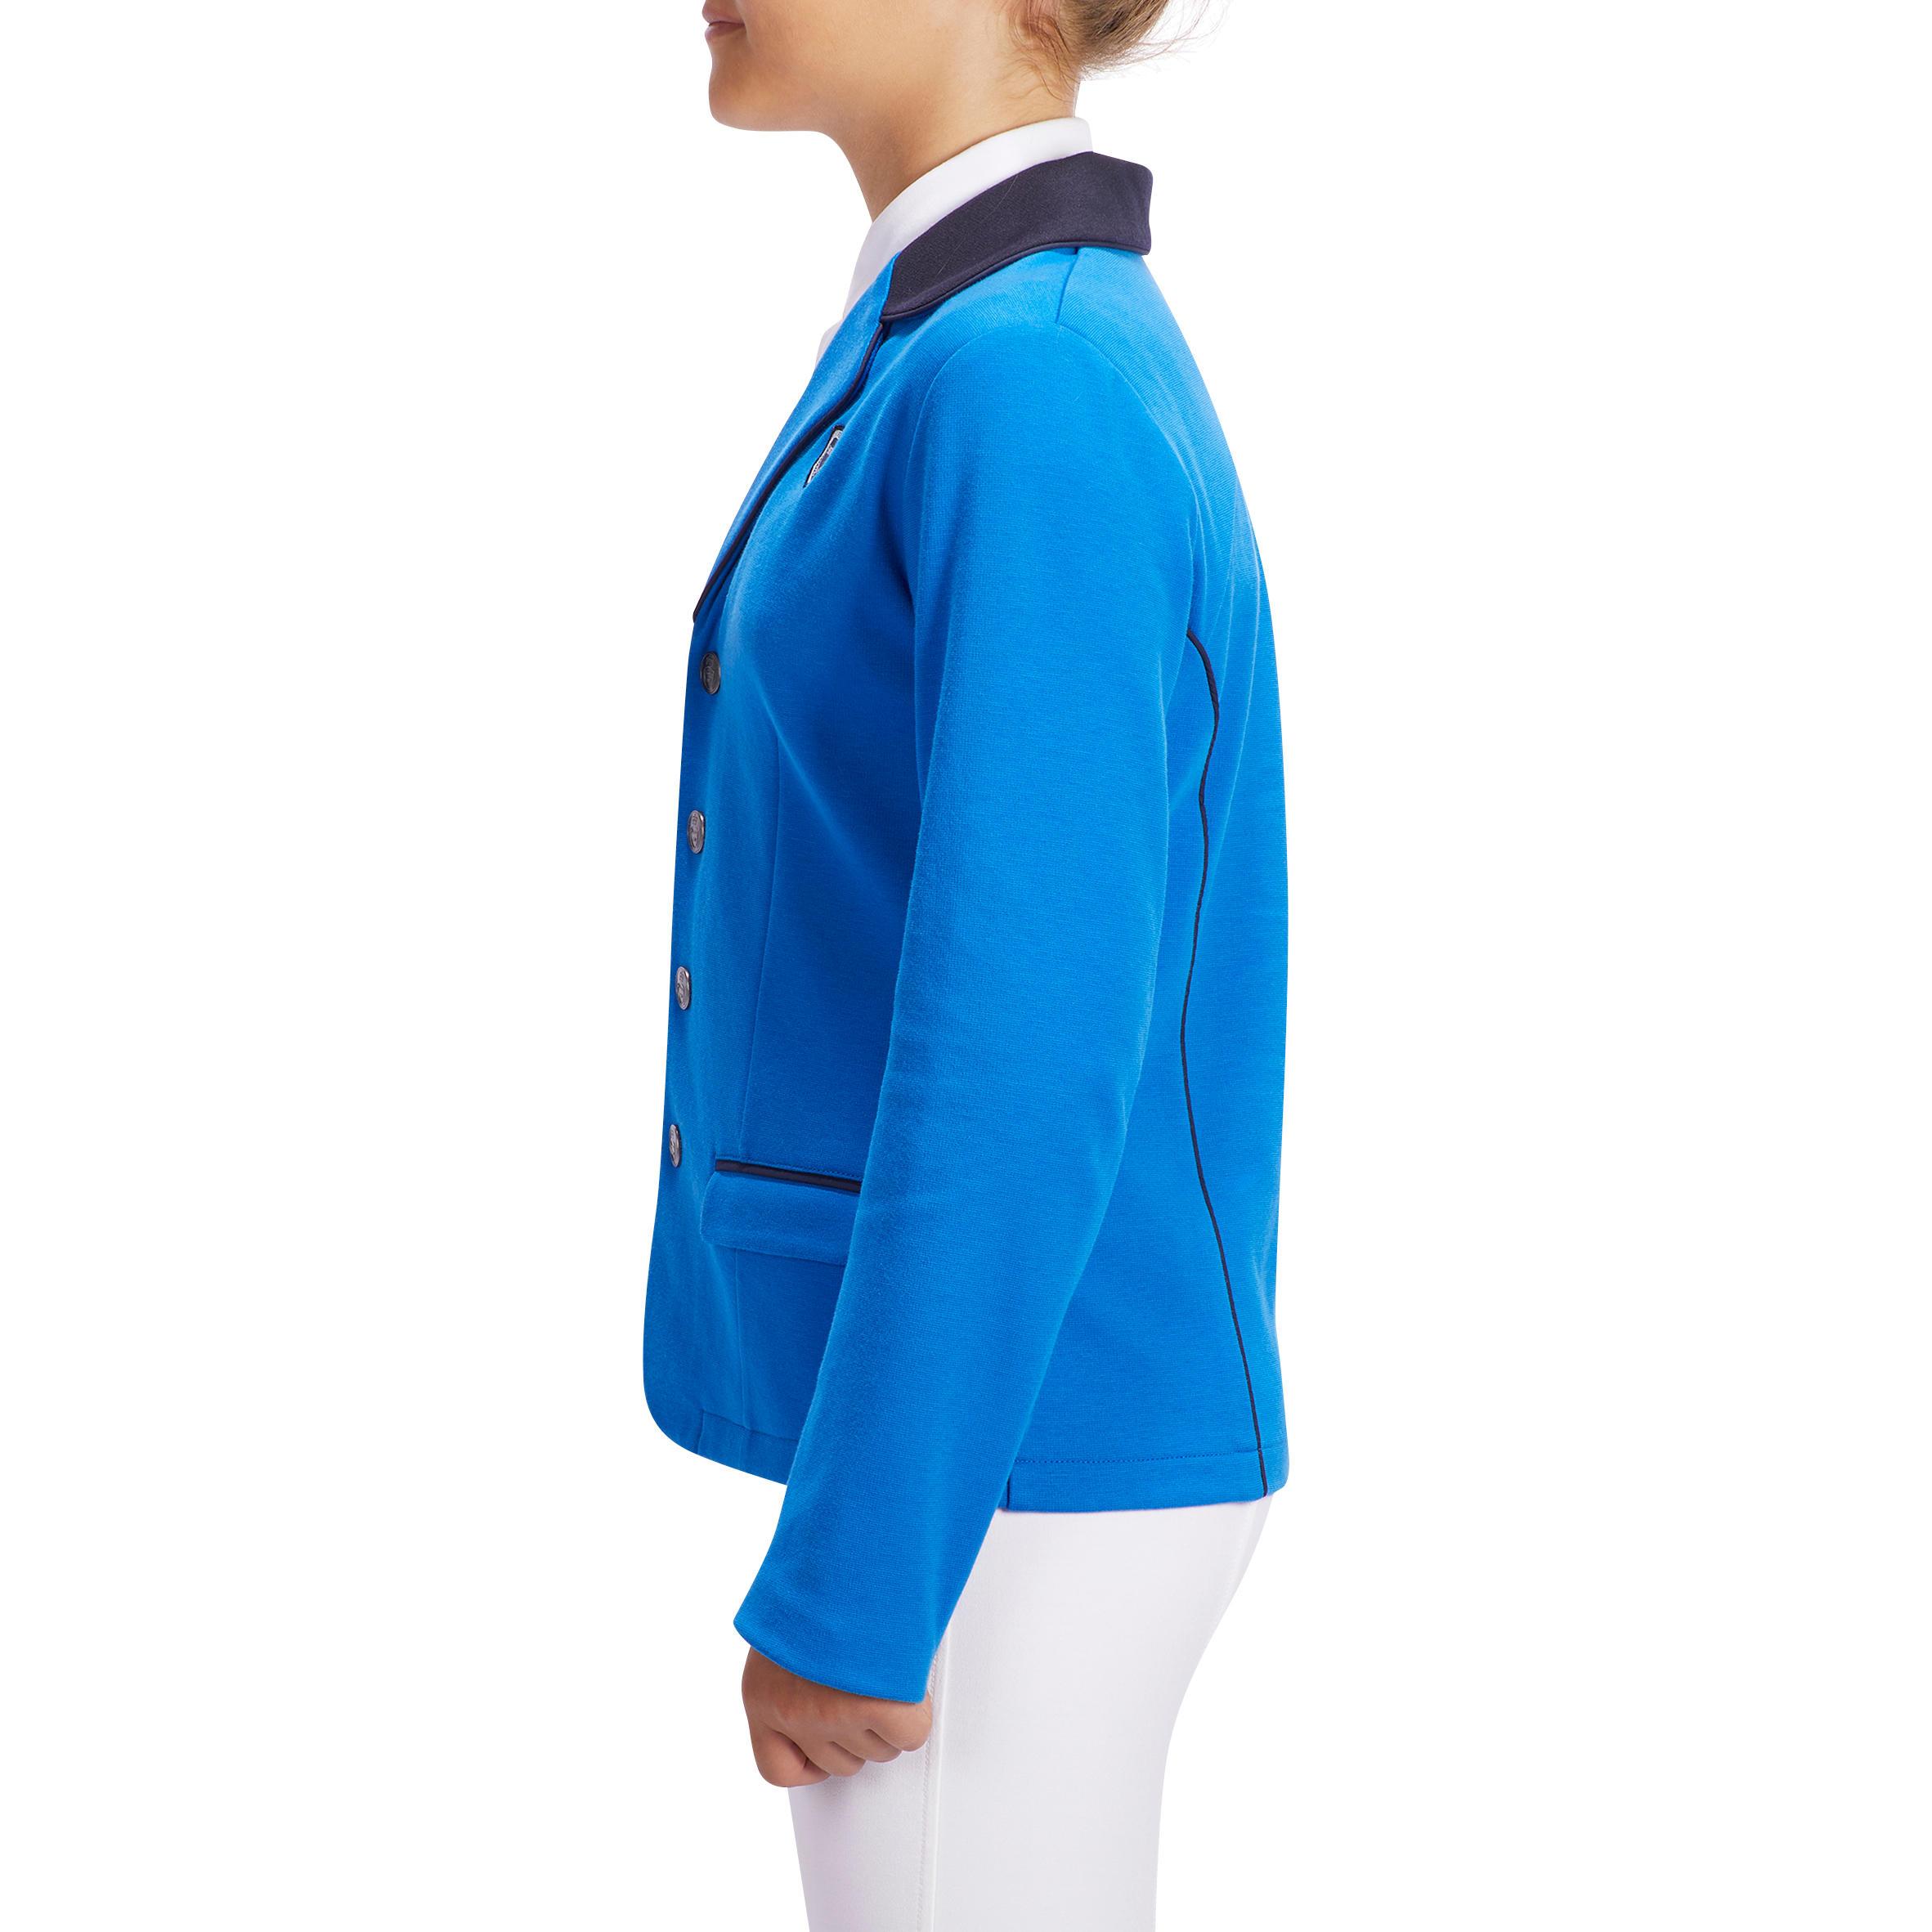 Veste de concours équitation enfant COMP100 bleu roi